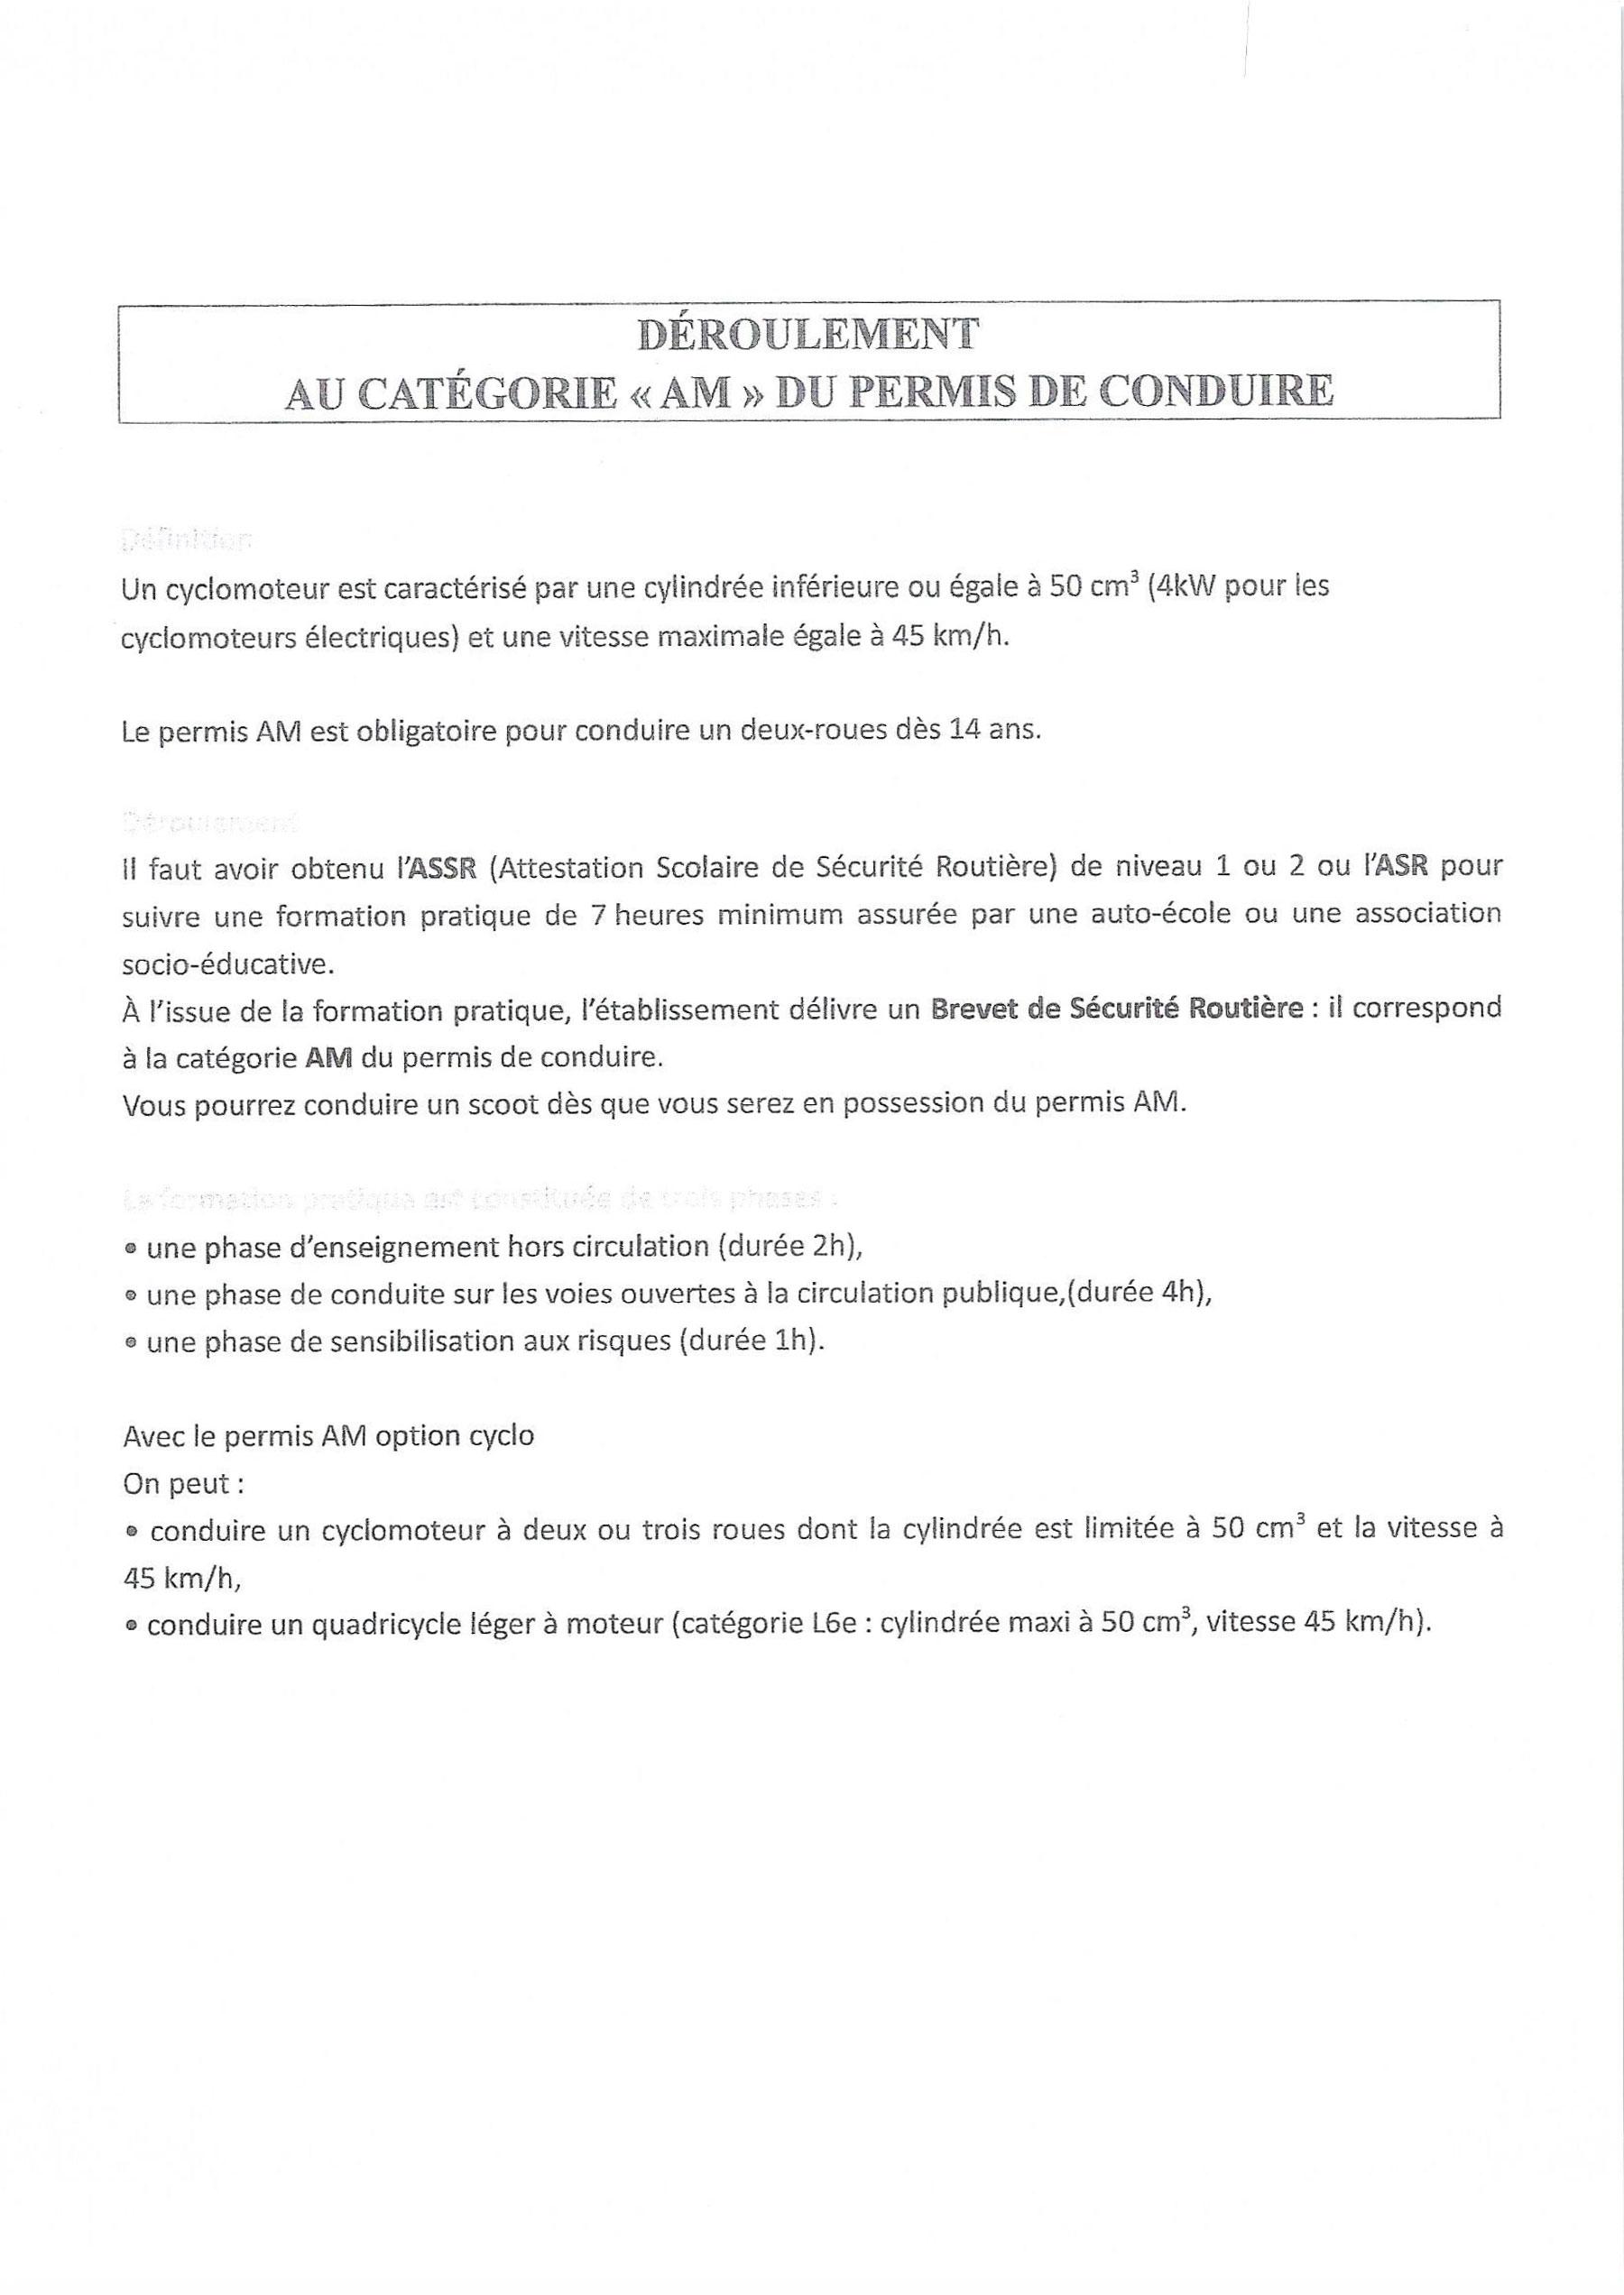 DEROULEMENT-A-LA-CATEGORIS-AM-DU-PERMIS-DE-CONDUIRE